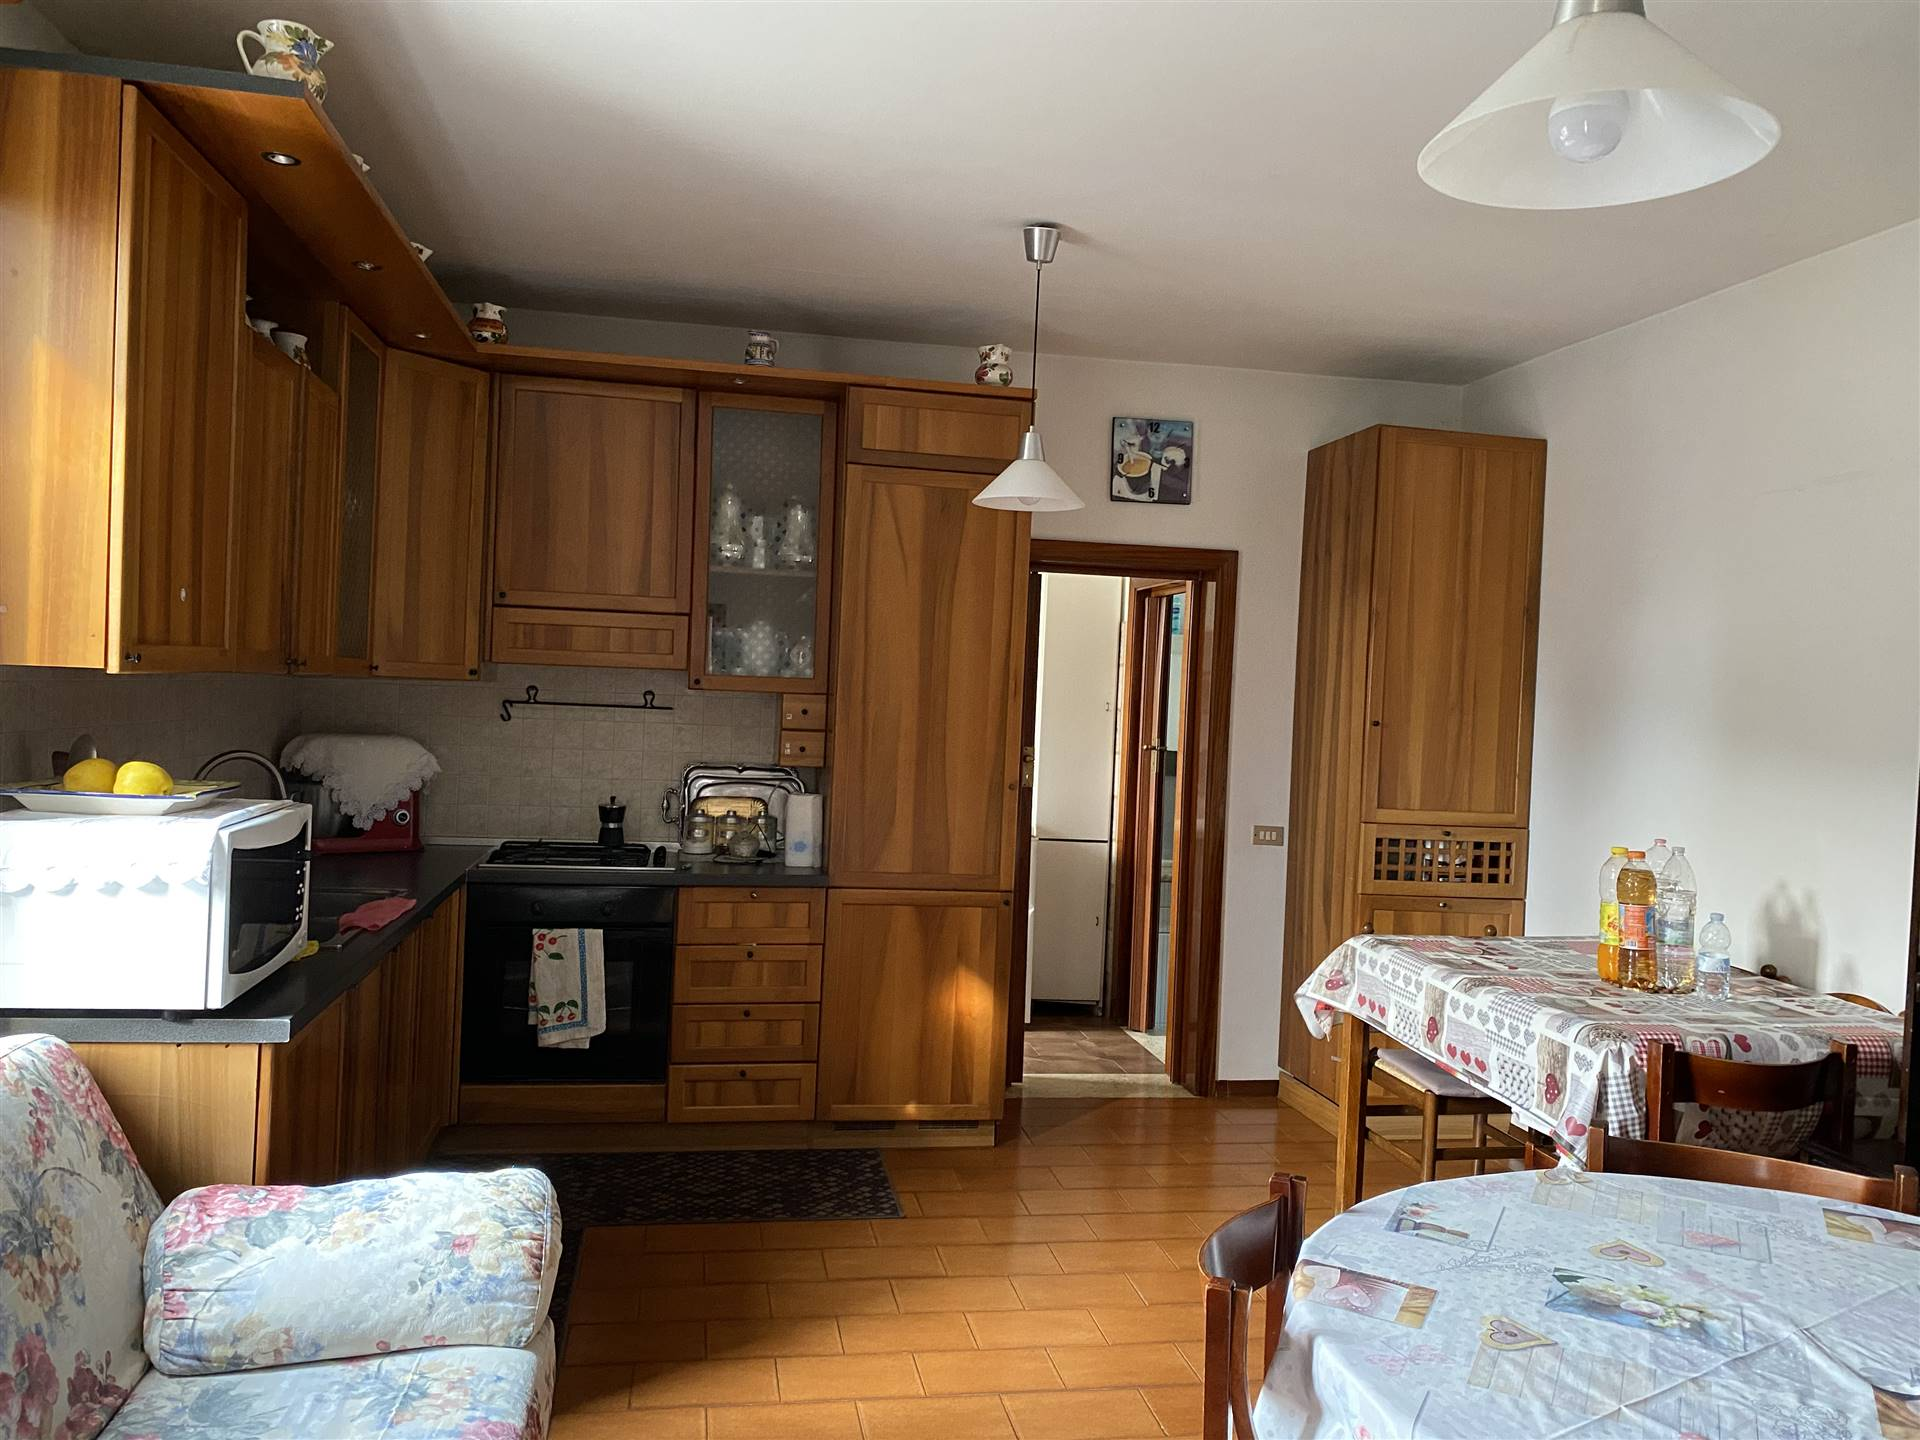 ZIANIGO, MIRANO, Doppelhaus zu verkaufen von 110 Qm, Gutem, Heizung Unabhaengig, am boden 1° auf 1, zusammengestellt von: 5 Raume, Separate Küche, ,